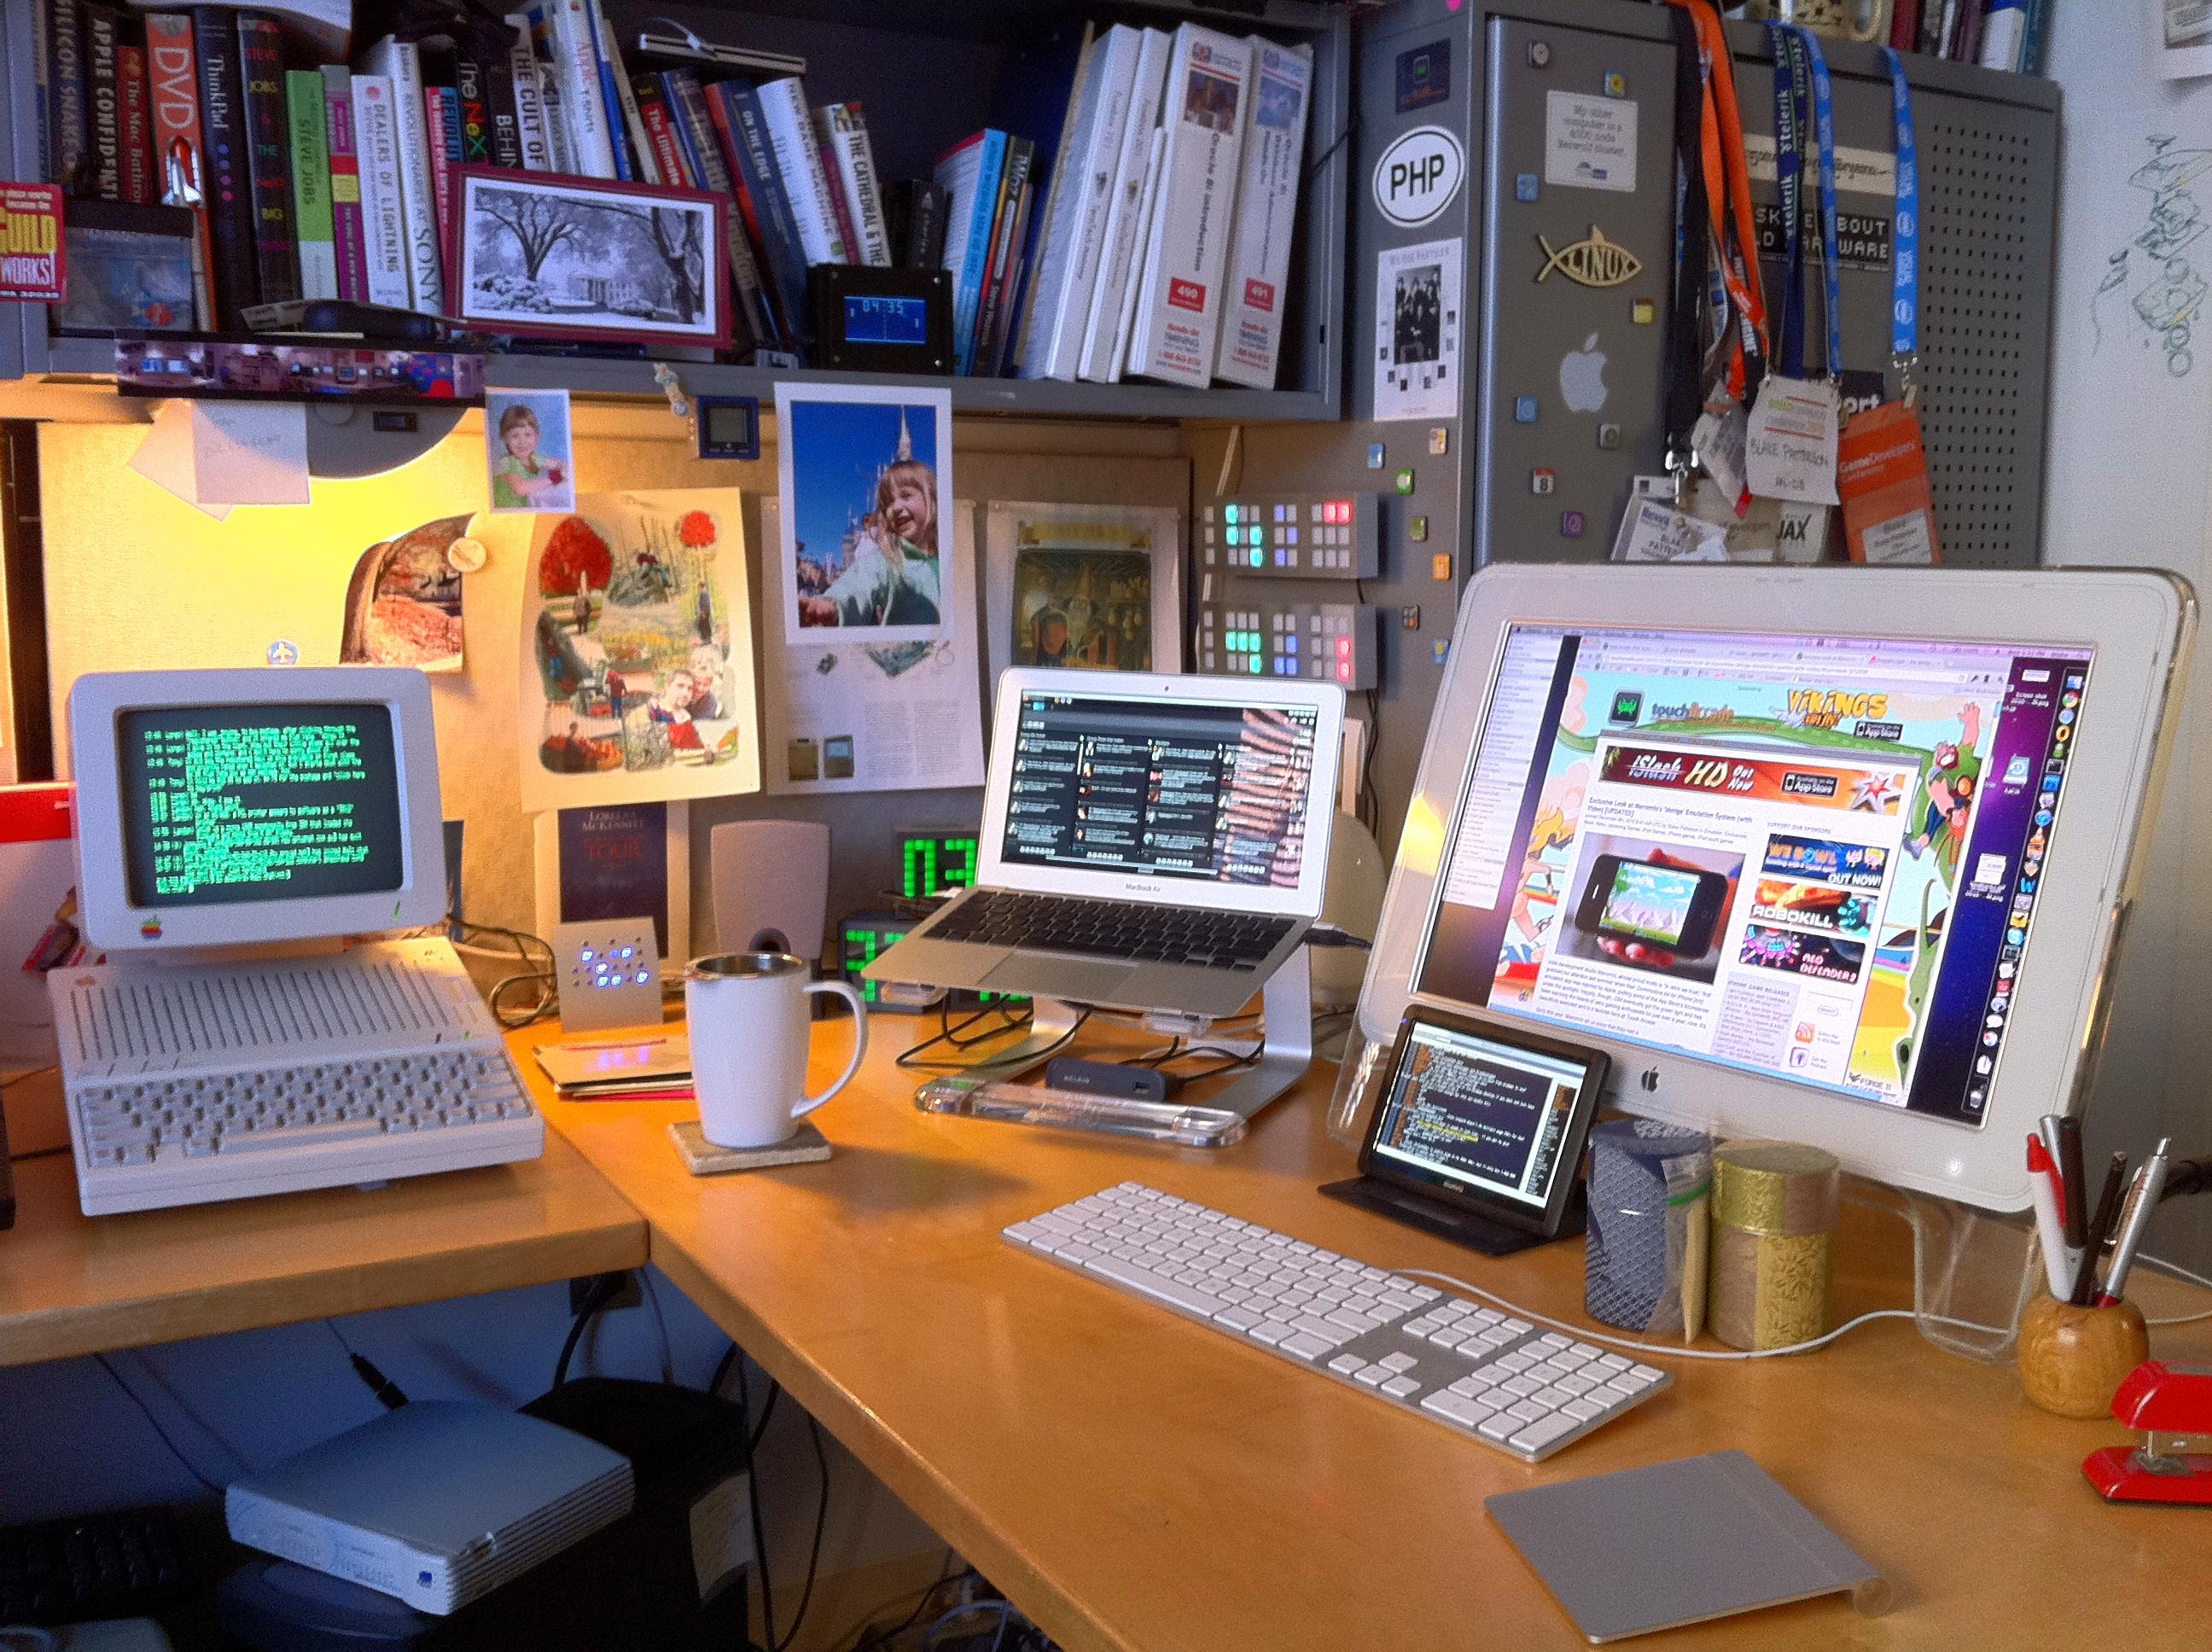 MacBook Air rodando em quatro telas